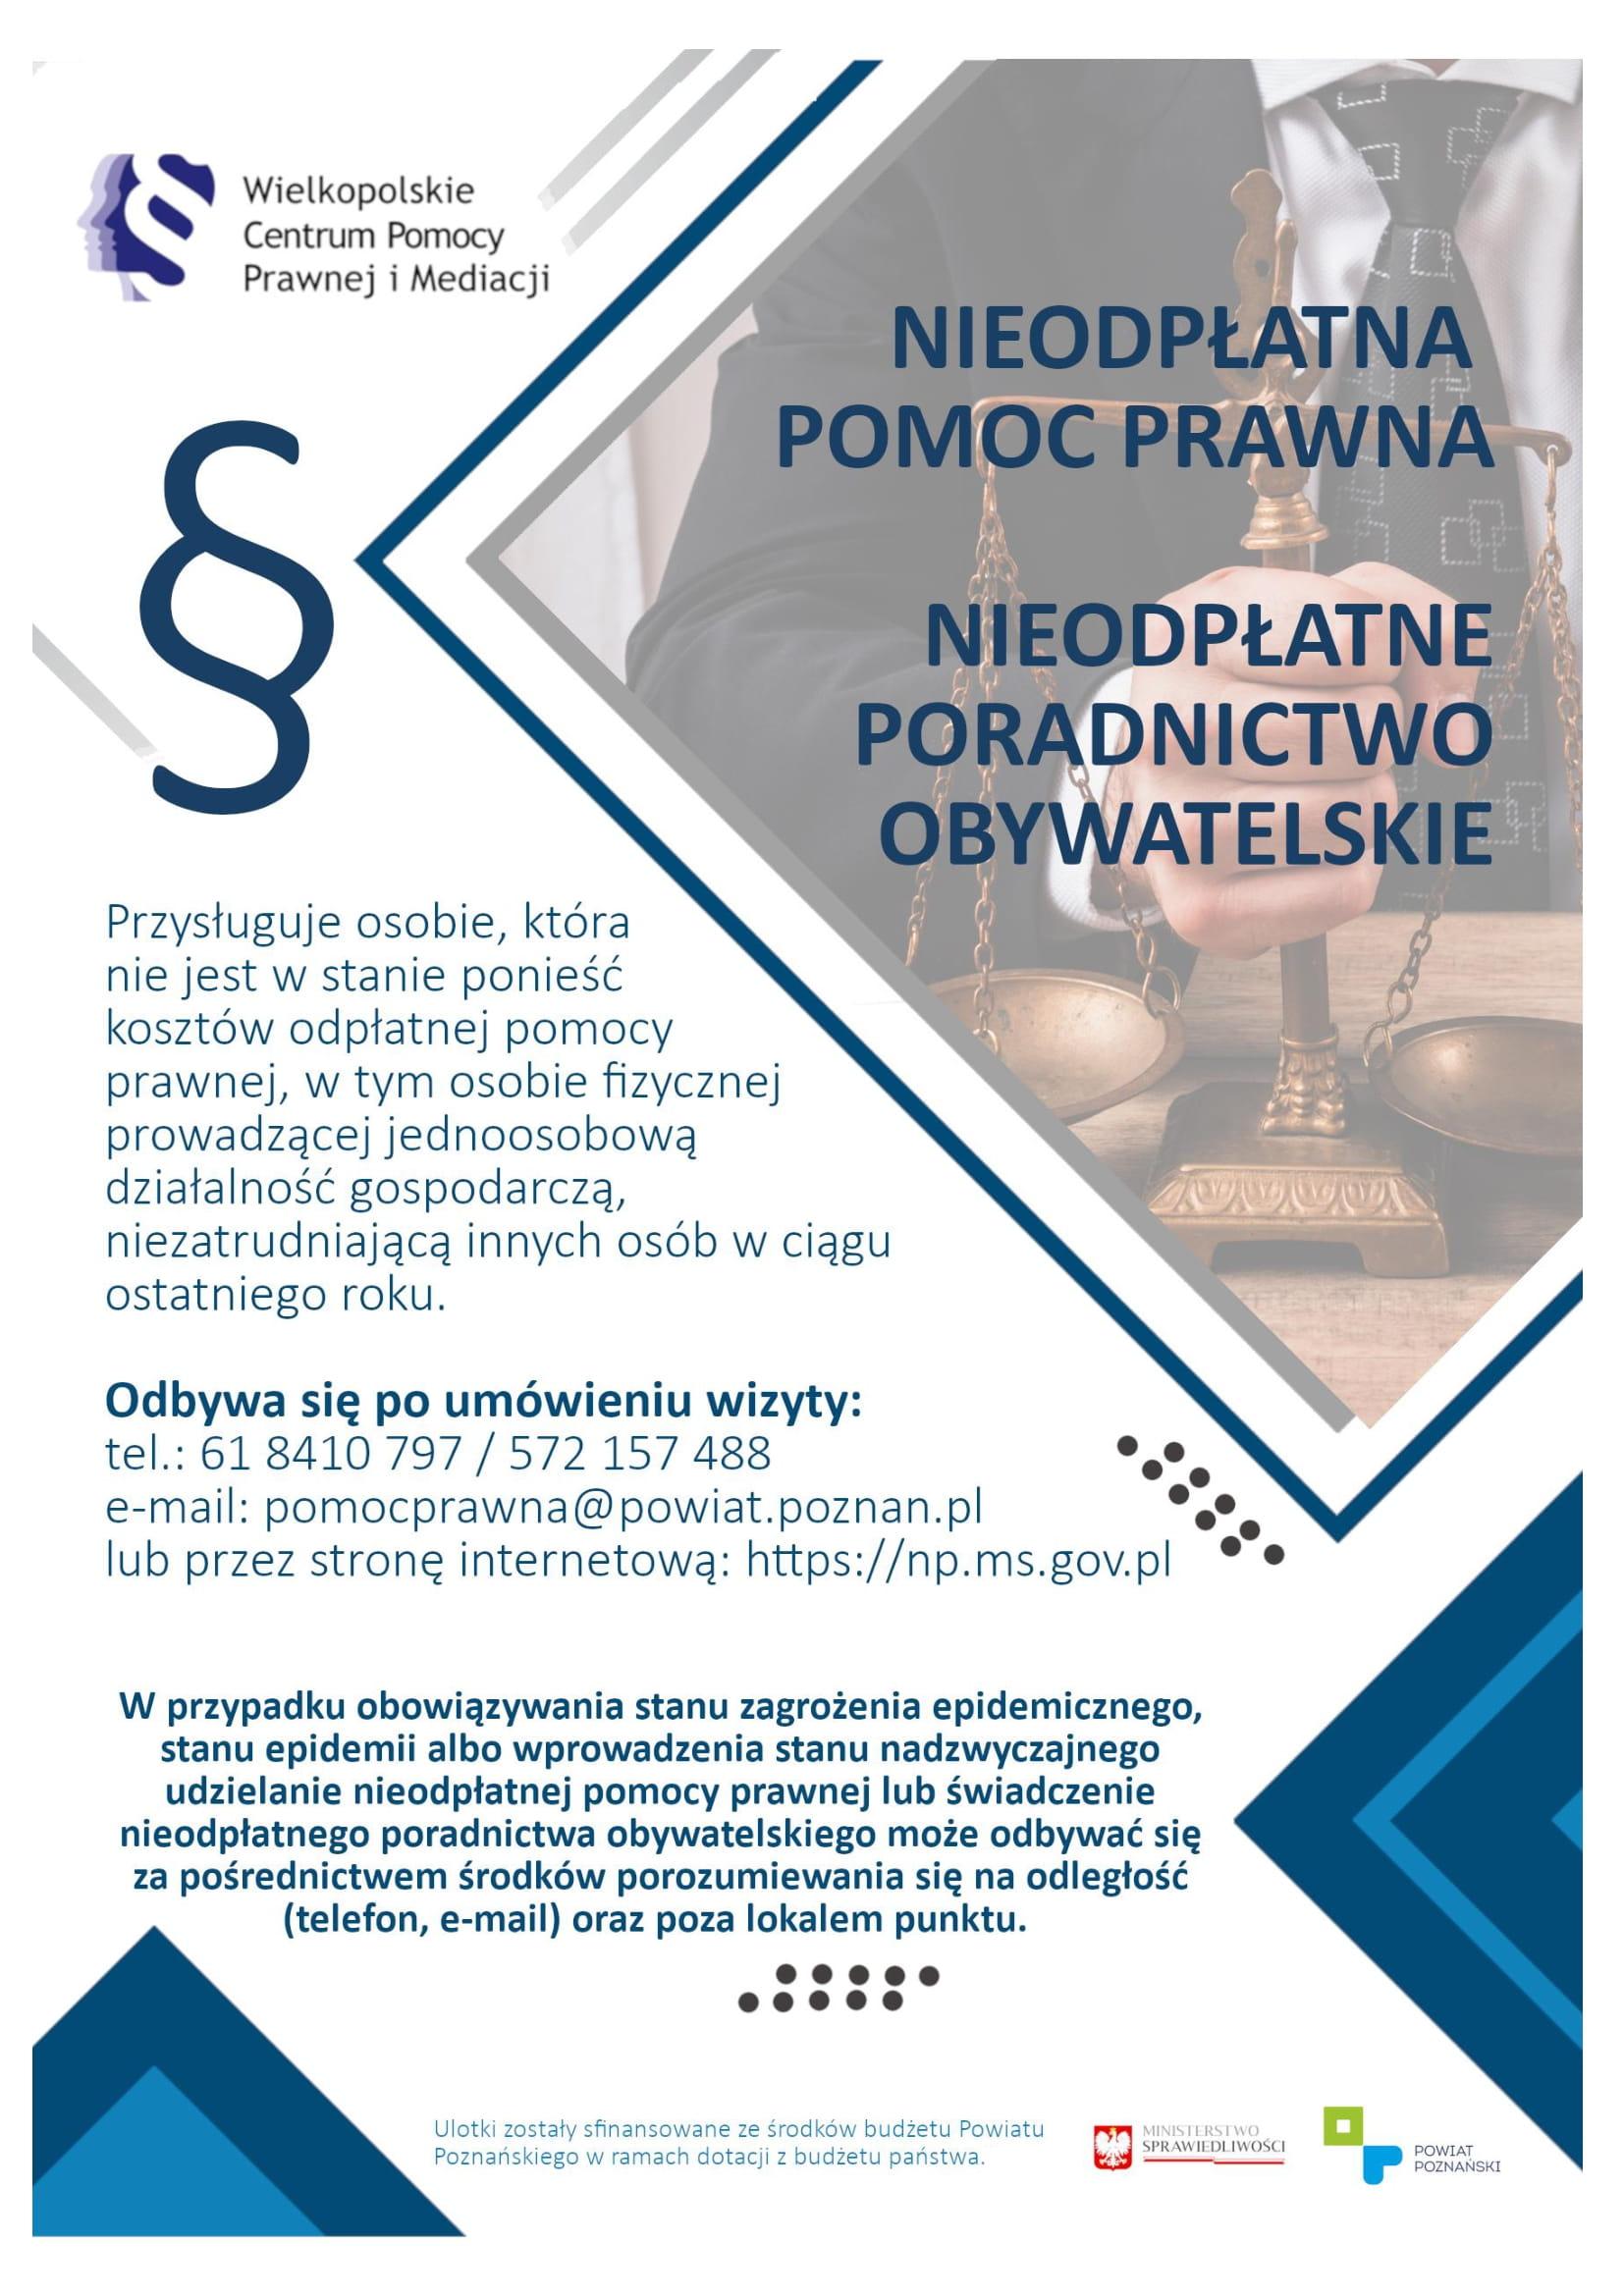 Pamiętaj, że nieodpłatna pomoc prawna i nieodpłatne poradnictwo obywatelskie przysługuje osobie, która nie jest w stanie ponieść kosztów odpłatnej pomocy prawnej, w tym osobie fizycznej prowadzącej jednoosobową działalność gospodarczą, niezatrudniającą innych osób w ciągu ostatniego roku. Odbywa się po umówieniu wizyty: tel. 61 8410 797 / 572 157 488 e-mail: pomocprawna@powiat.poznan.pl lub przez stronę internetową Gdzie skorzystać z nieodpłatnej pomocy prawnej w Gminie Tarnowo Podgórne? miejsce: Ośrodek Pomocy Społecznej, ul. Poznańska 94, 62-080 Tarnowo Podgórne poniedziałek: godz. 14:00 - 18:00 wtorek, środa, piątek: godz. 8:00 - 12:00 czwartek: godz. 11:00 - 15:00